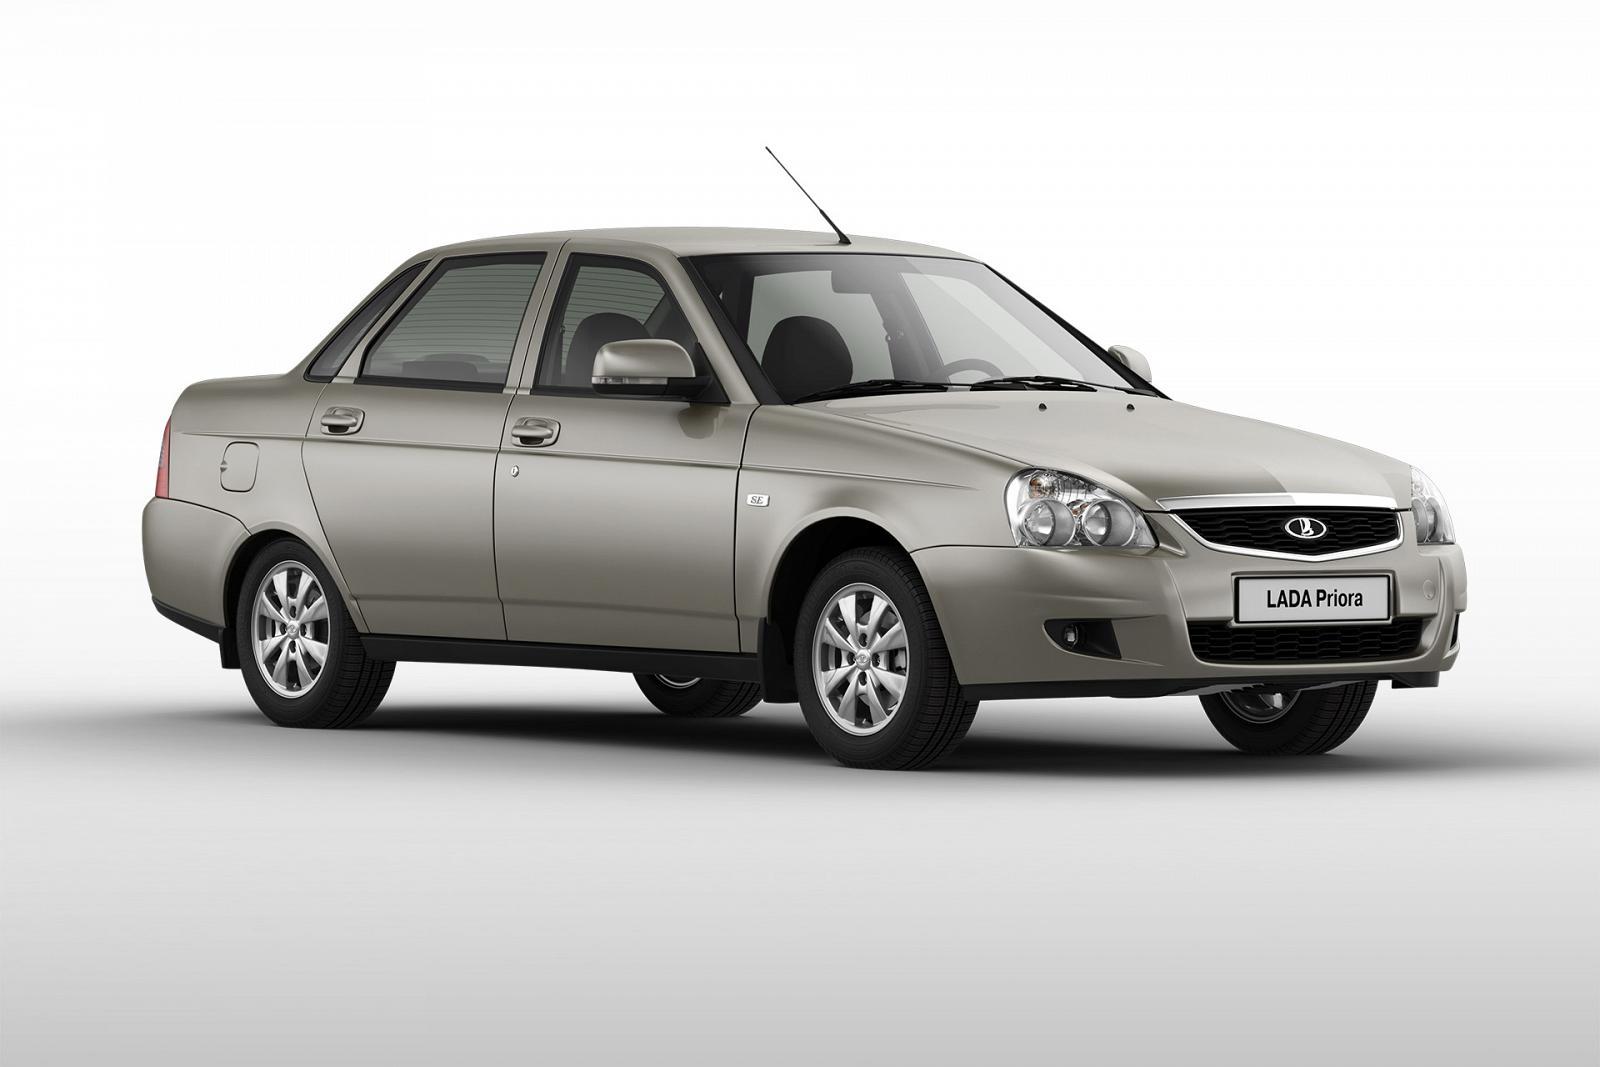 Lada Priora оказалась самым продаваемым авто вКазахстане class=